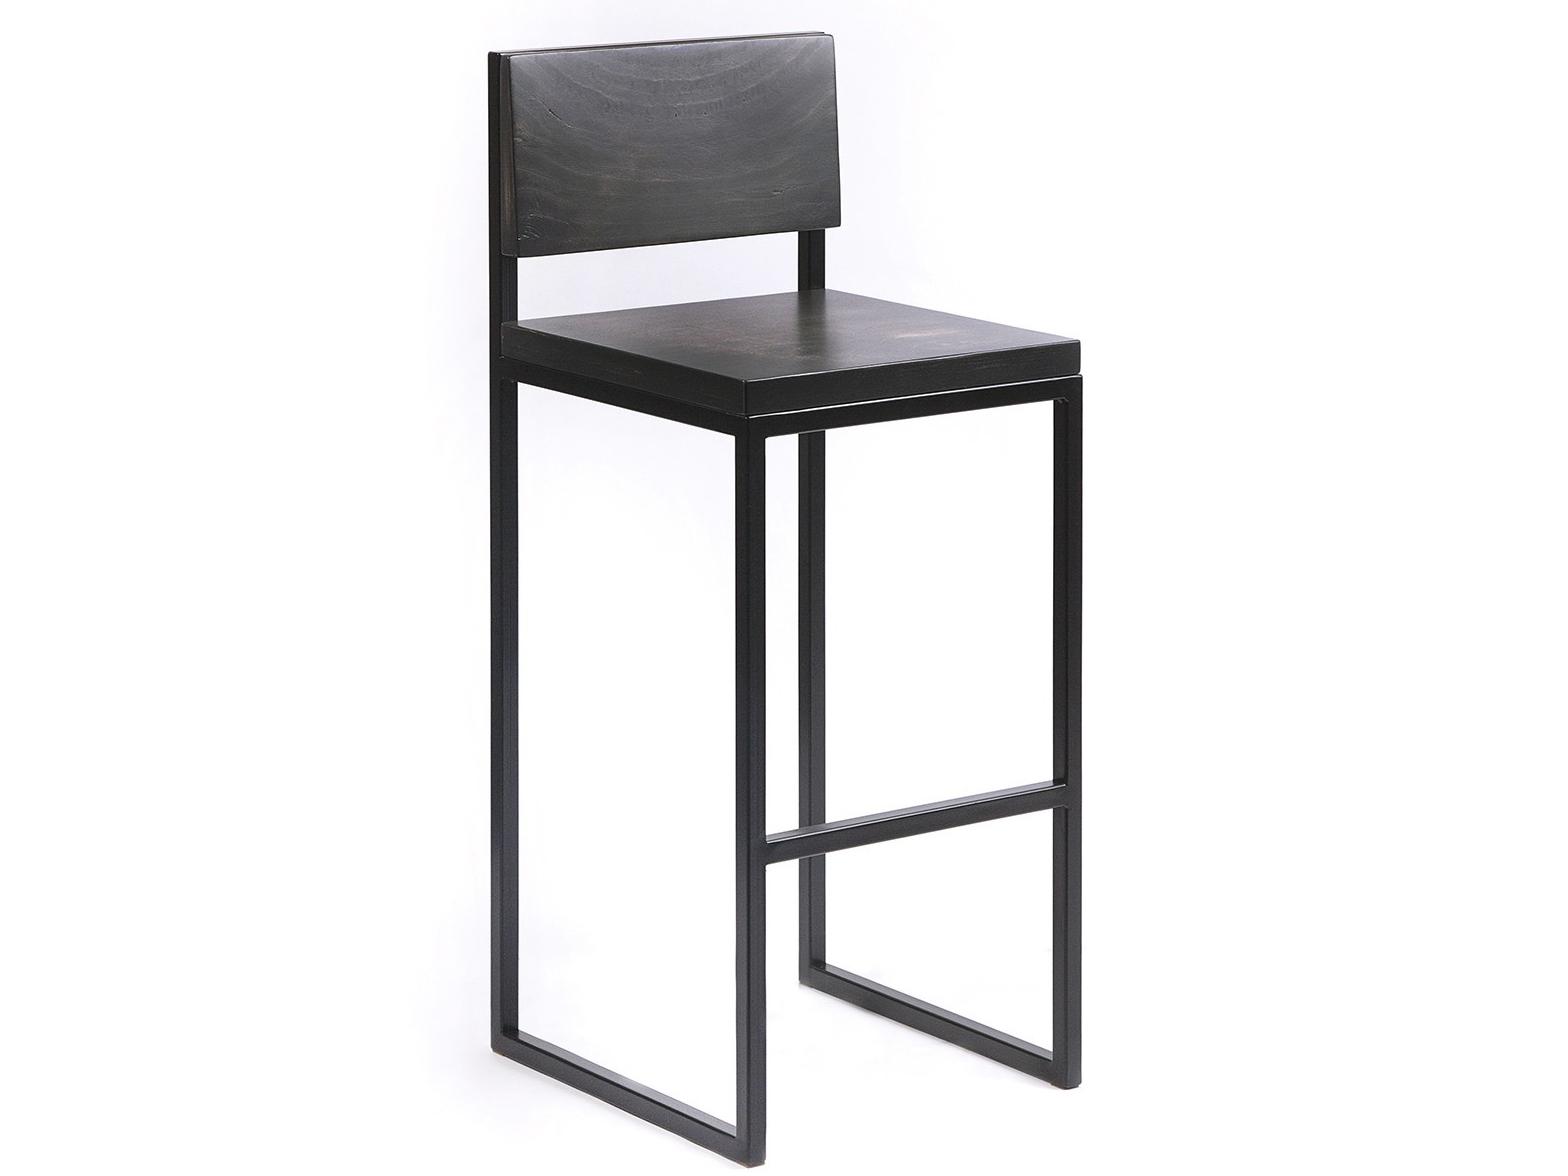 Барный стул Archpole 15430465 от thefurnish